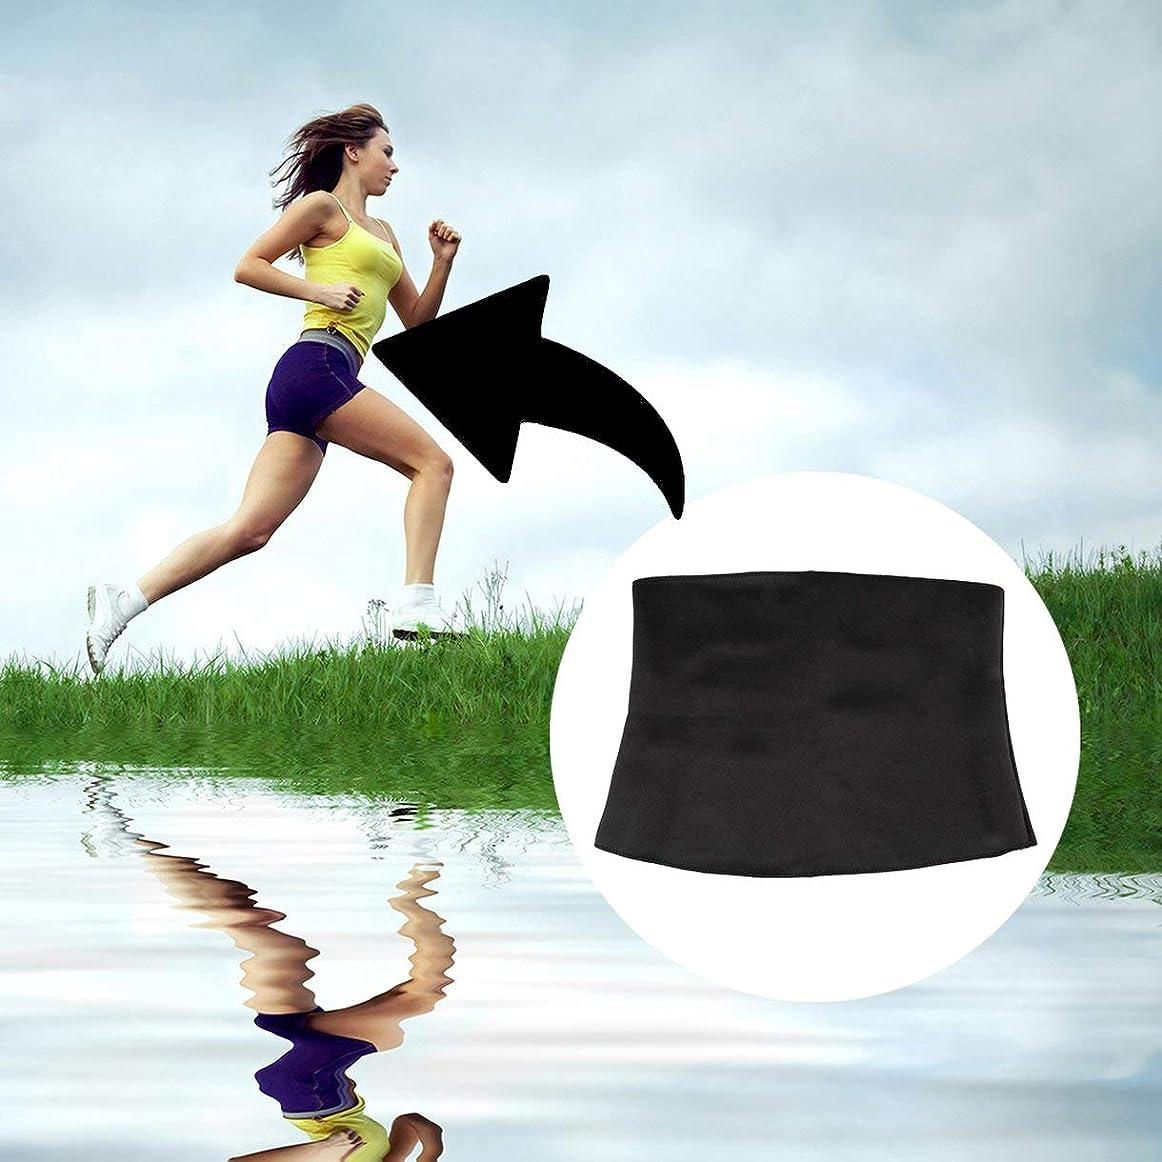 決定通行料金習熟度Women Adult Solid Neoprene Healthy Slimming Weight Loss Waist Belts Body Shaper Slimming Trainer Trimmer Corsets